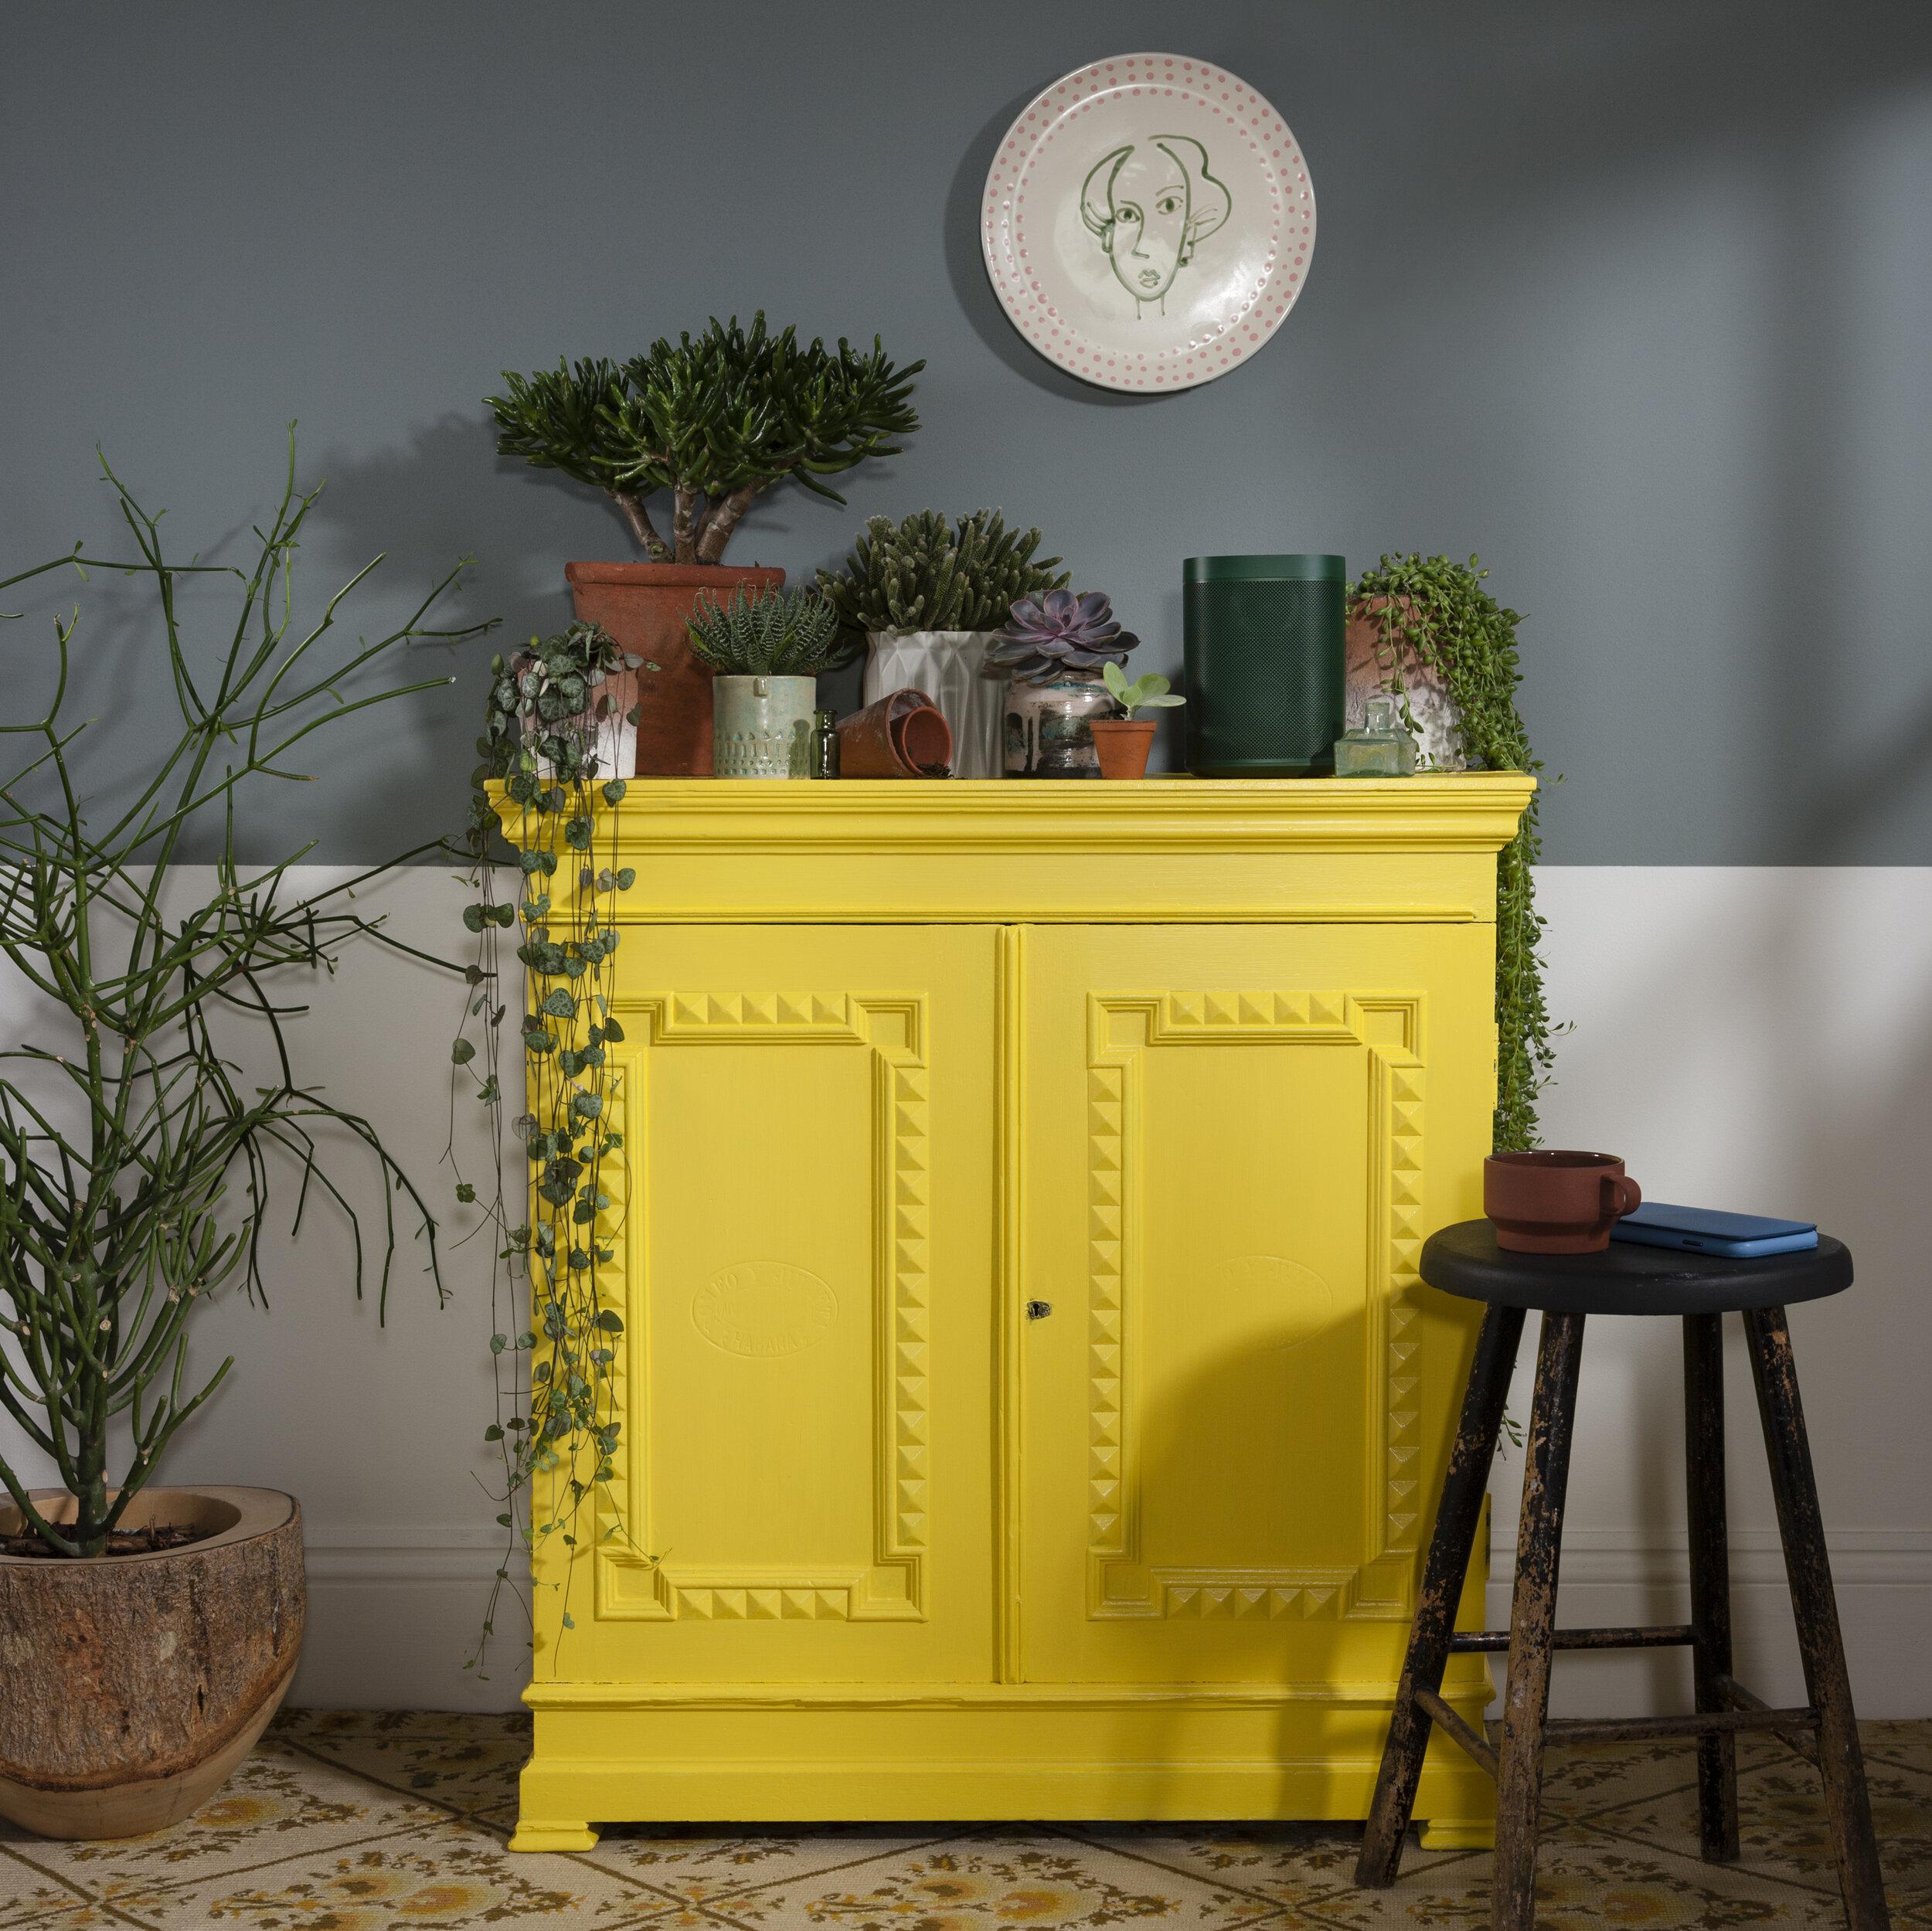 Image: LIV For Interiors